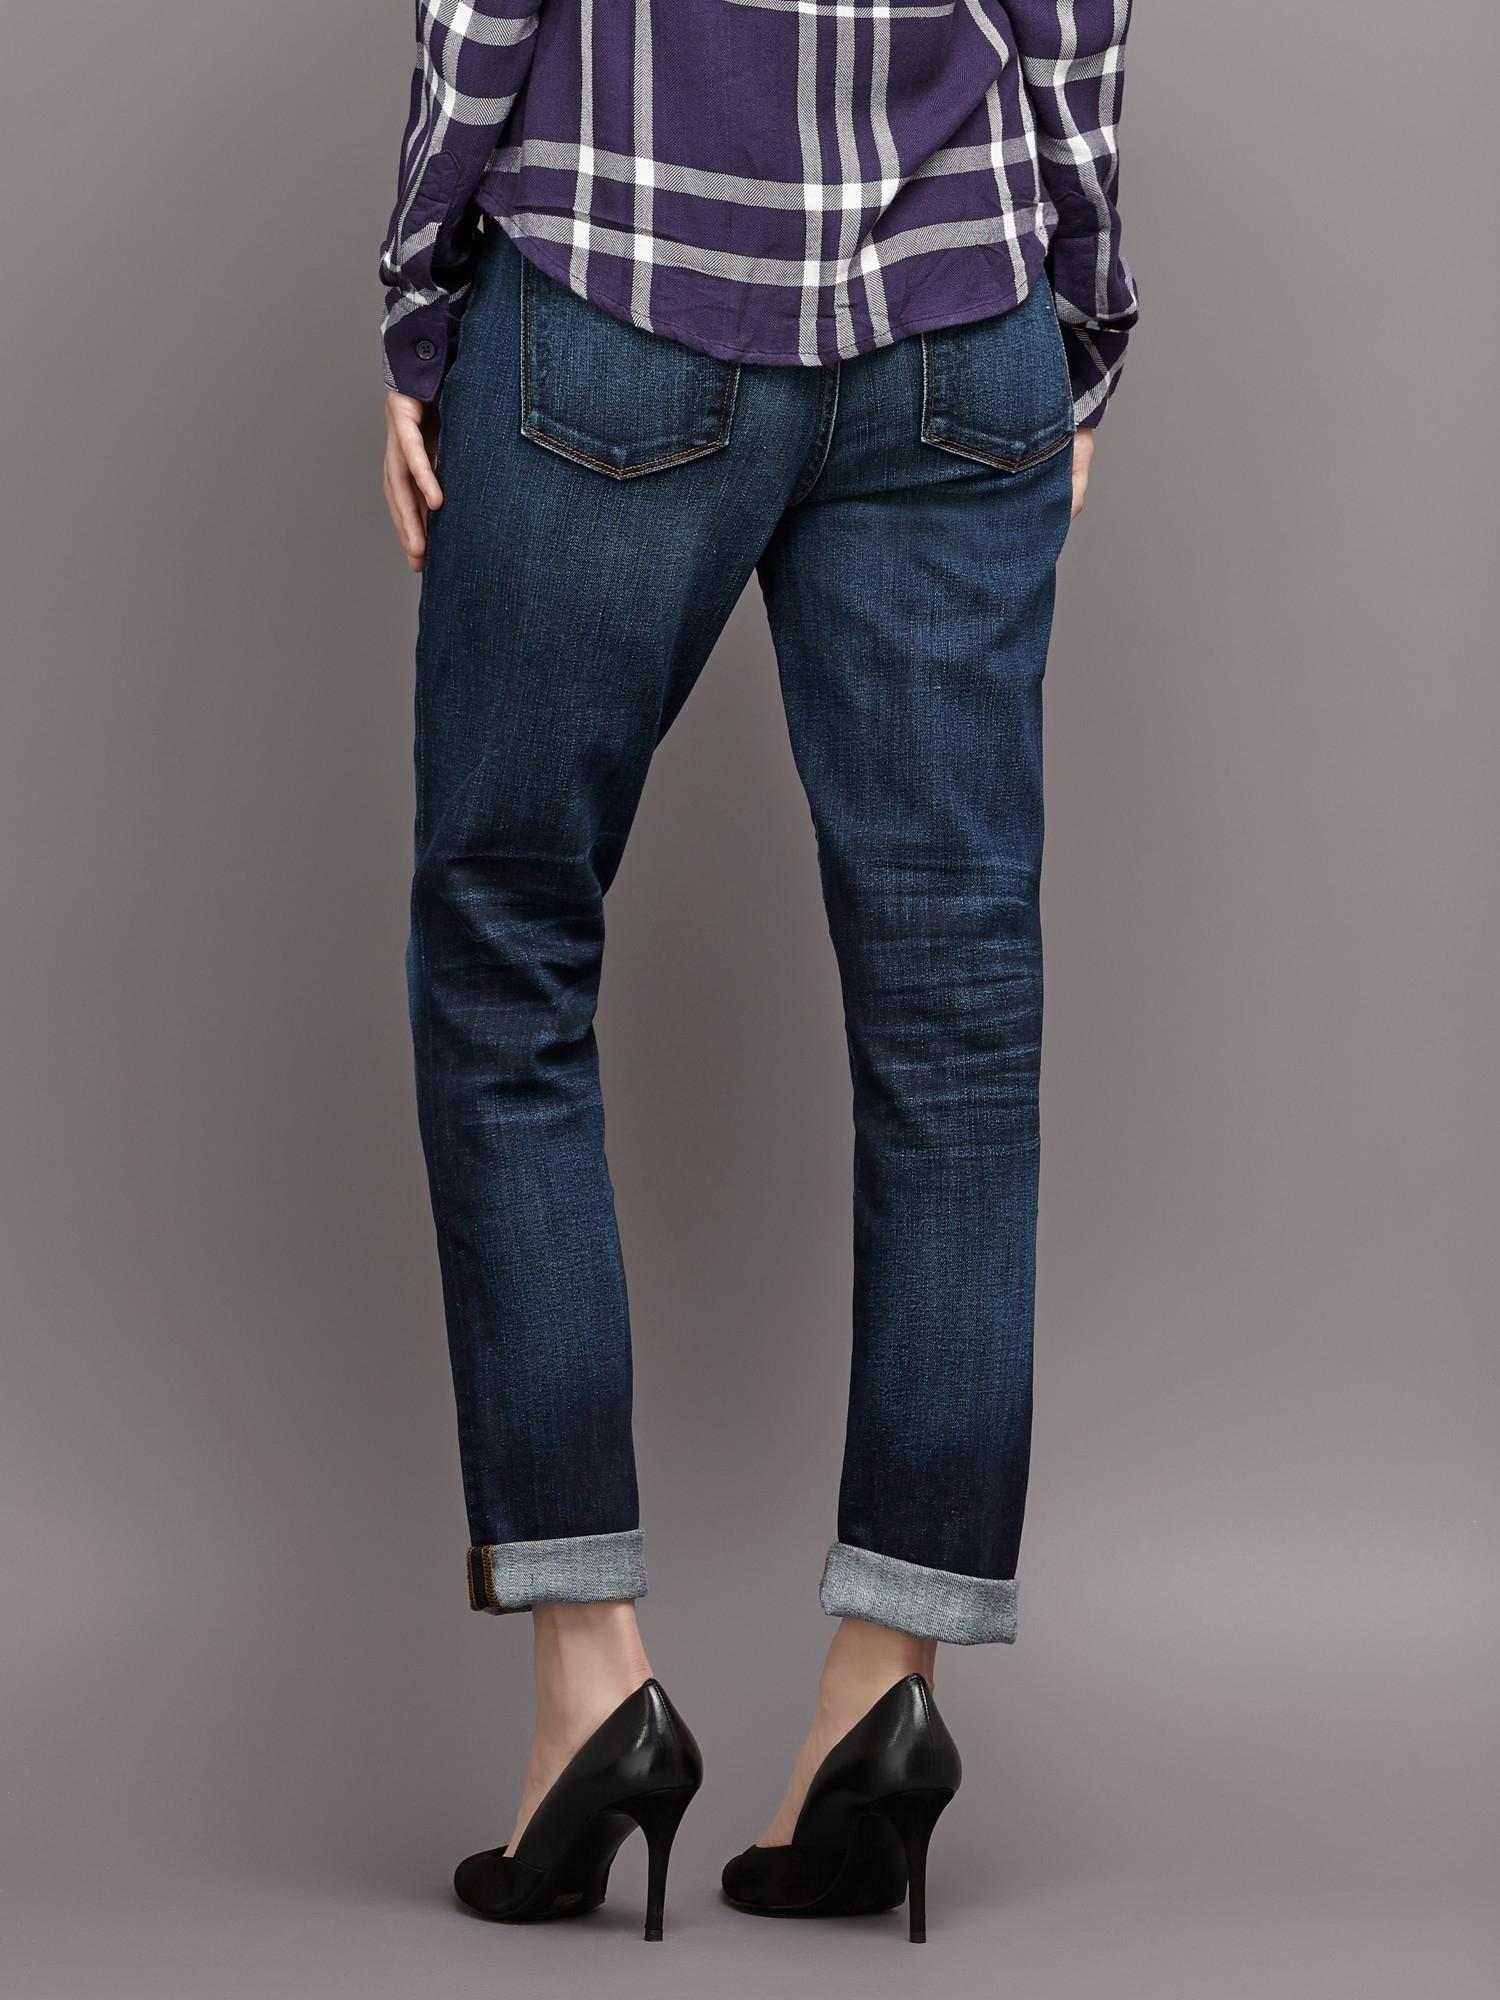 Caitland Jeans J Brand poV5mJZH